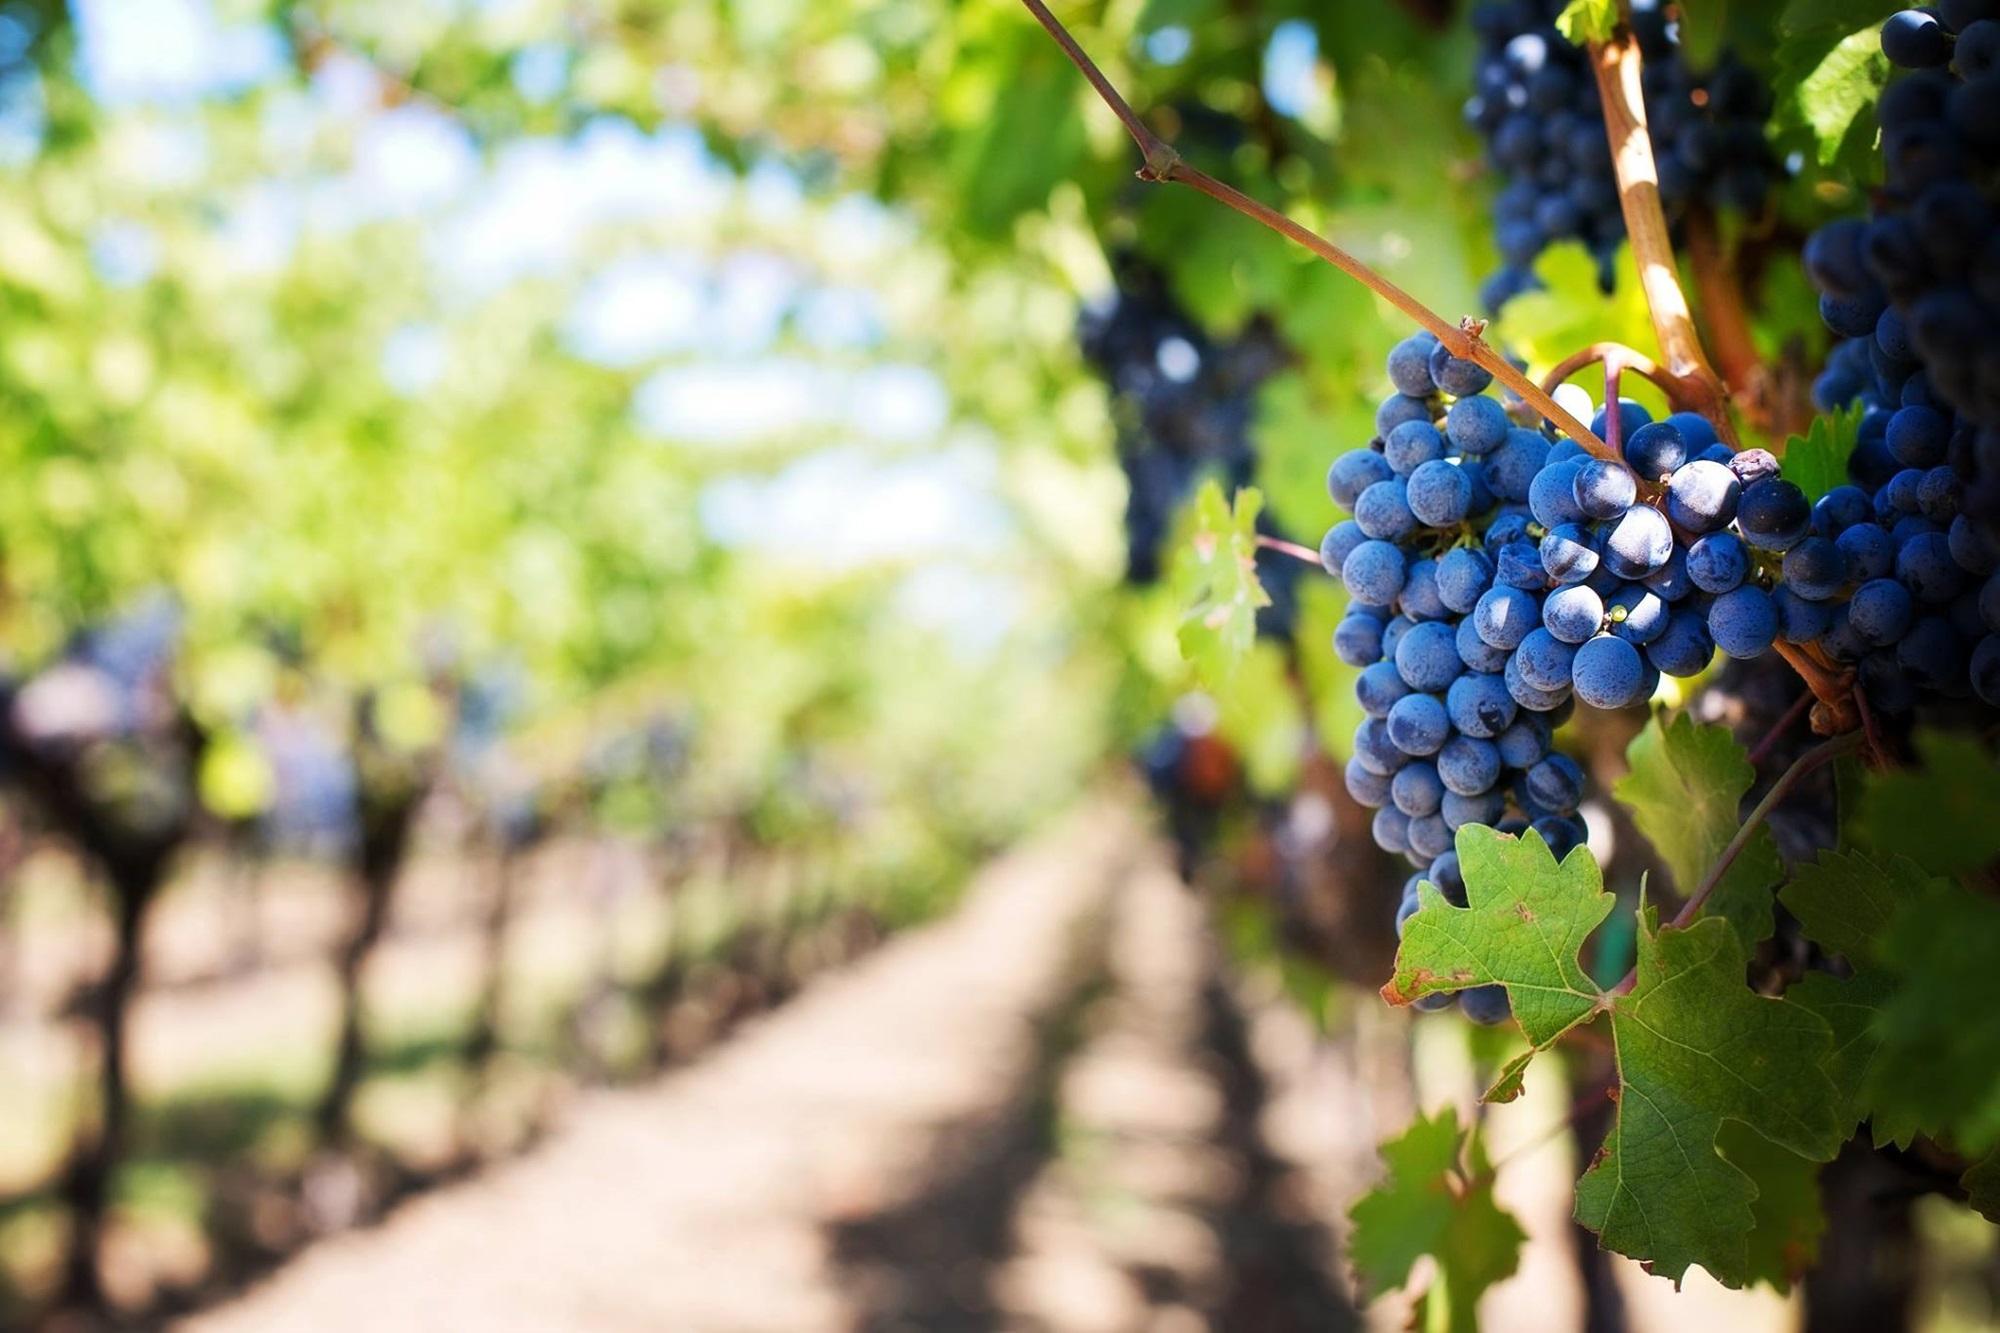 La vida de los riojanos ha girado tradicionalmente alrededor del cultivo de la uva y la elaboración del vino. Foto: Facebook 'Bodegas Franco-Españolas'